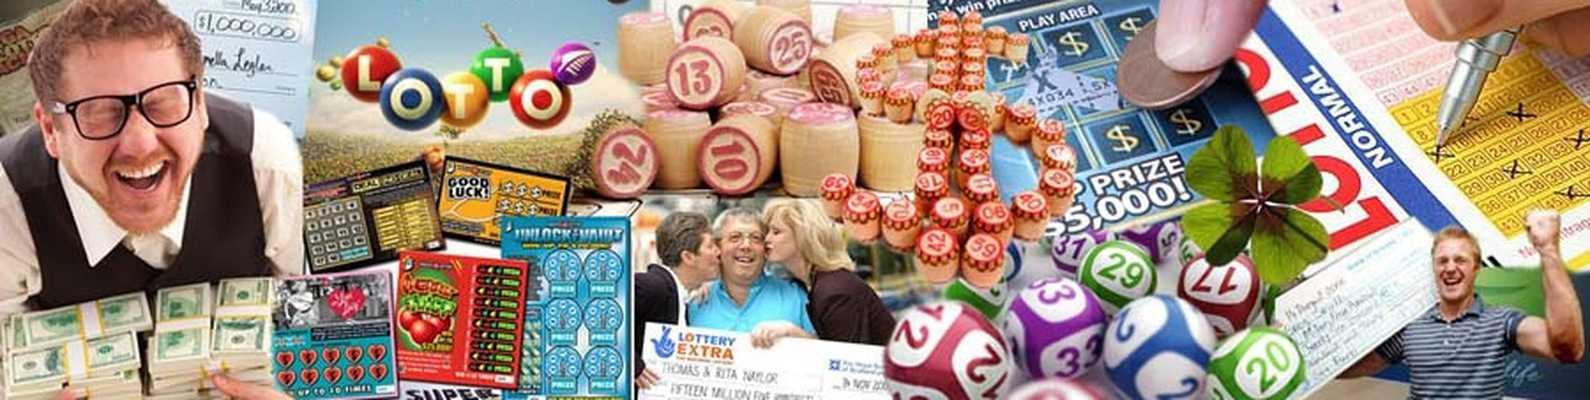 Австралийские лотереи: высокие ставки и вероятный успех - вся информация про различные лотереи